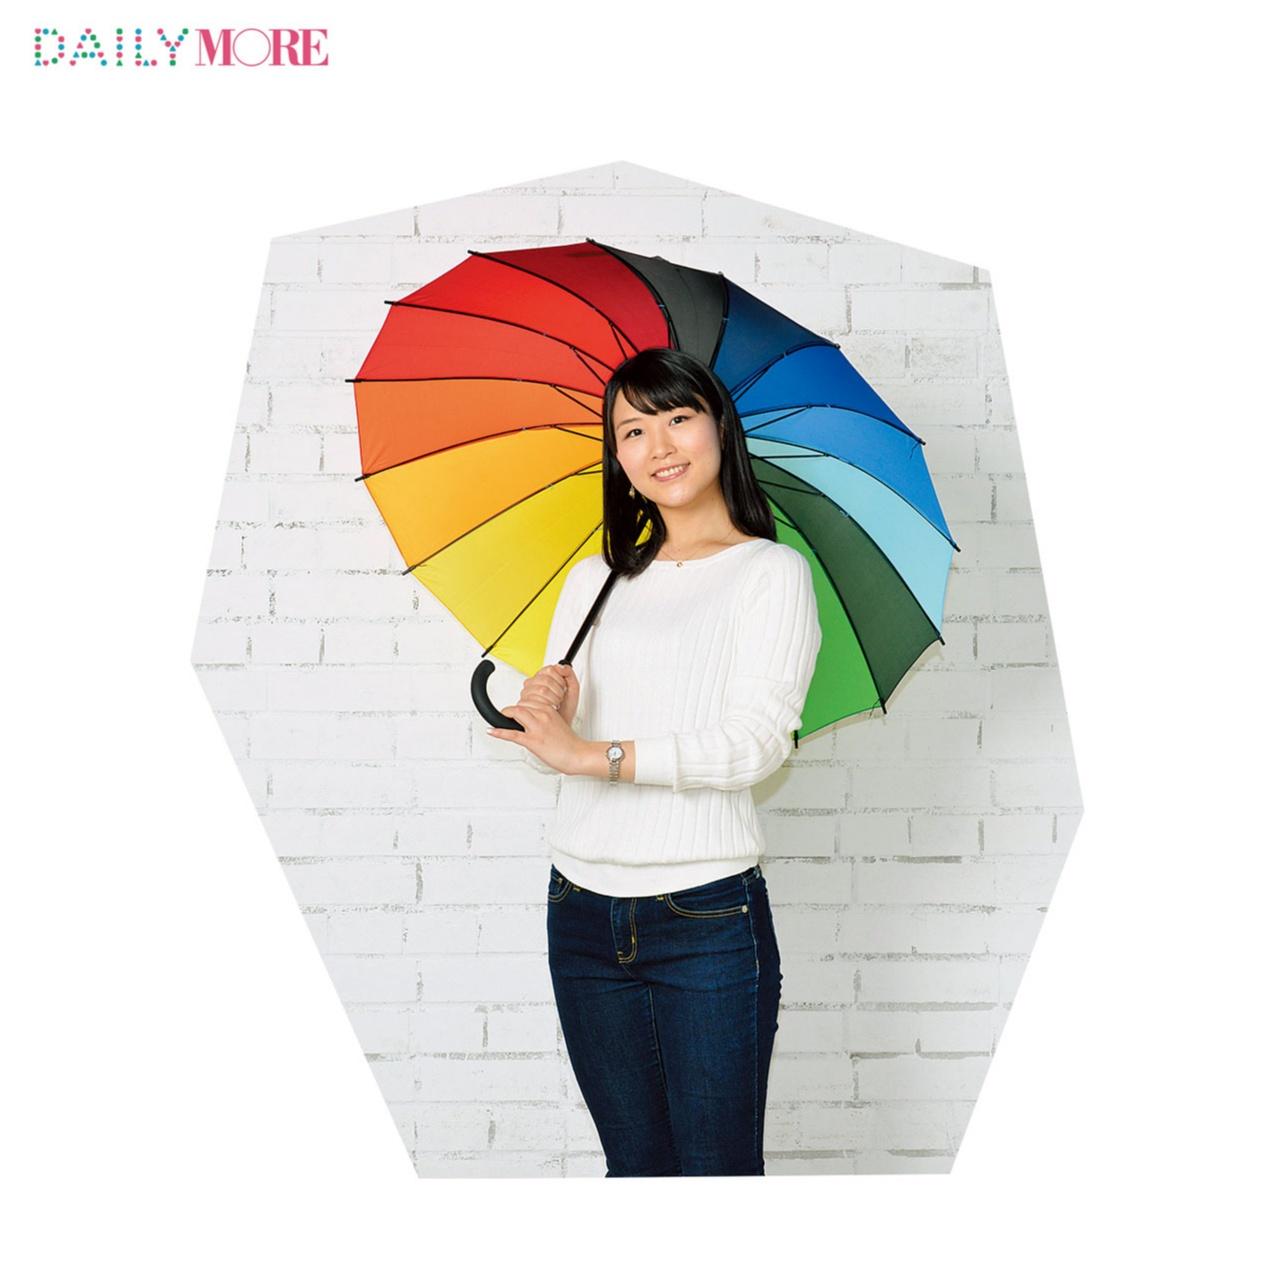 雨の日もおしゃれに過ごせる「こだわりレイングッズ」の楽しみ方、教えます♡ 【モアハピ部のトレンドプレゼン大会】_5